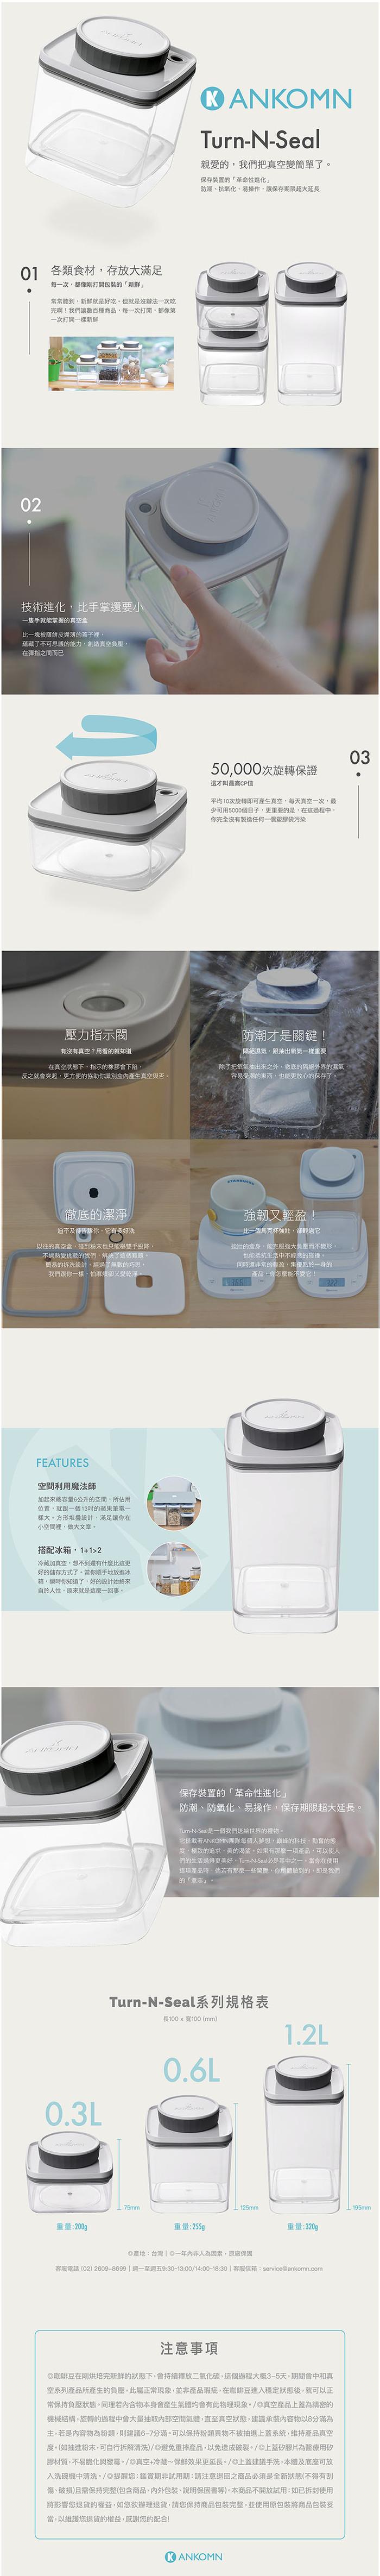 (複製)ANKOMN|Turn-N-Seal 真空保鮮盒 600ml 半透明黑(1入)